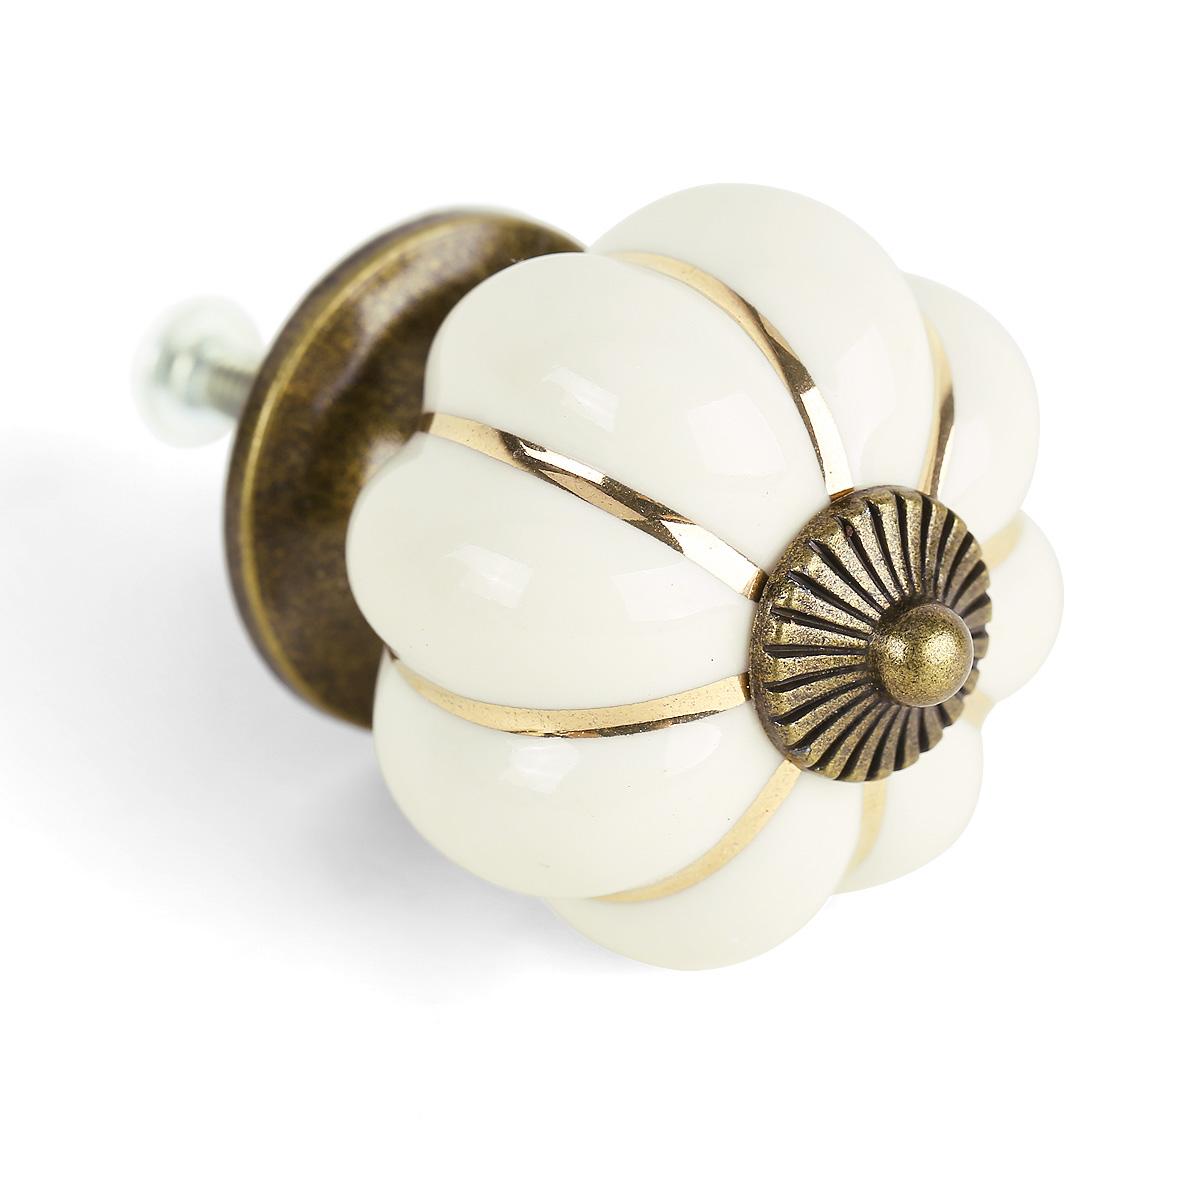 8 pomelli maniglia ceramica per cassetto armadio zucca avorio bianco ebay - Pomelli ceramica per cucina ...